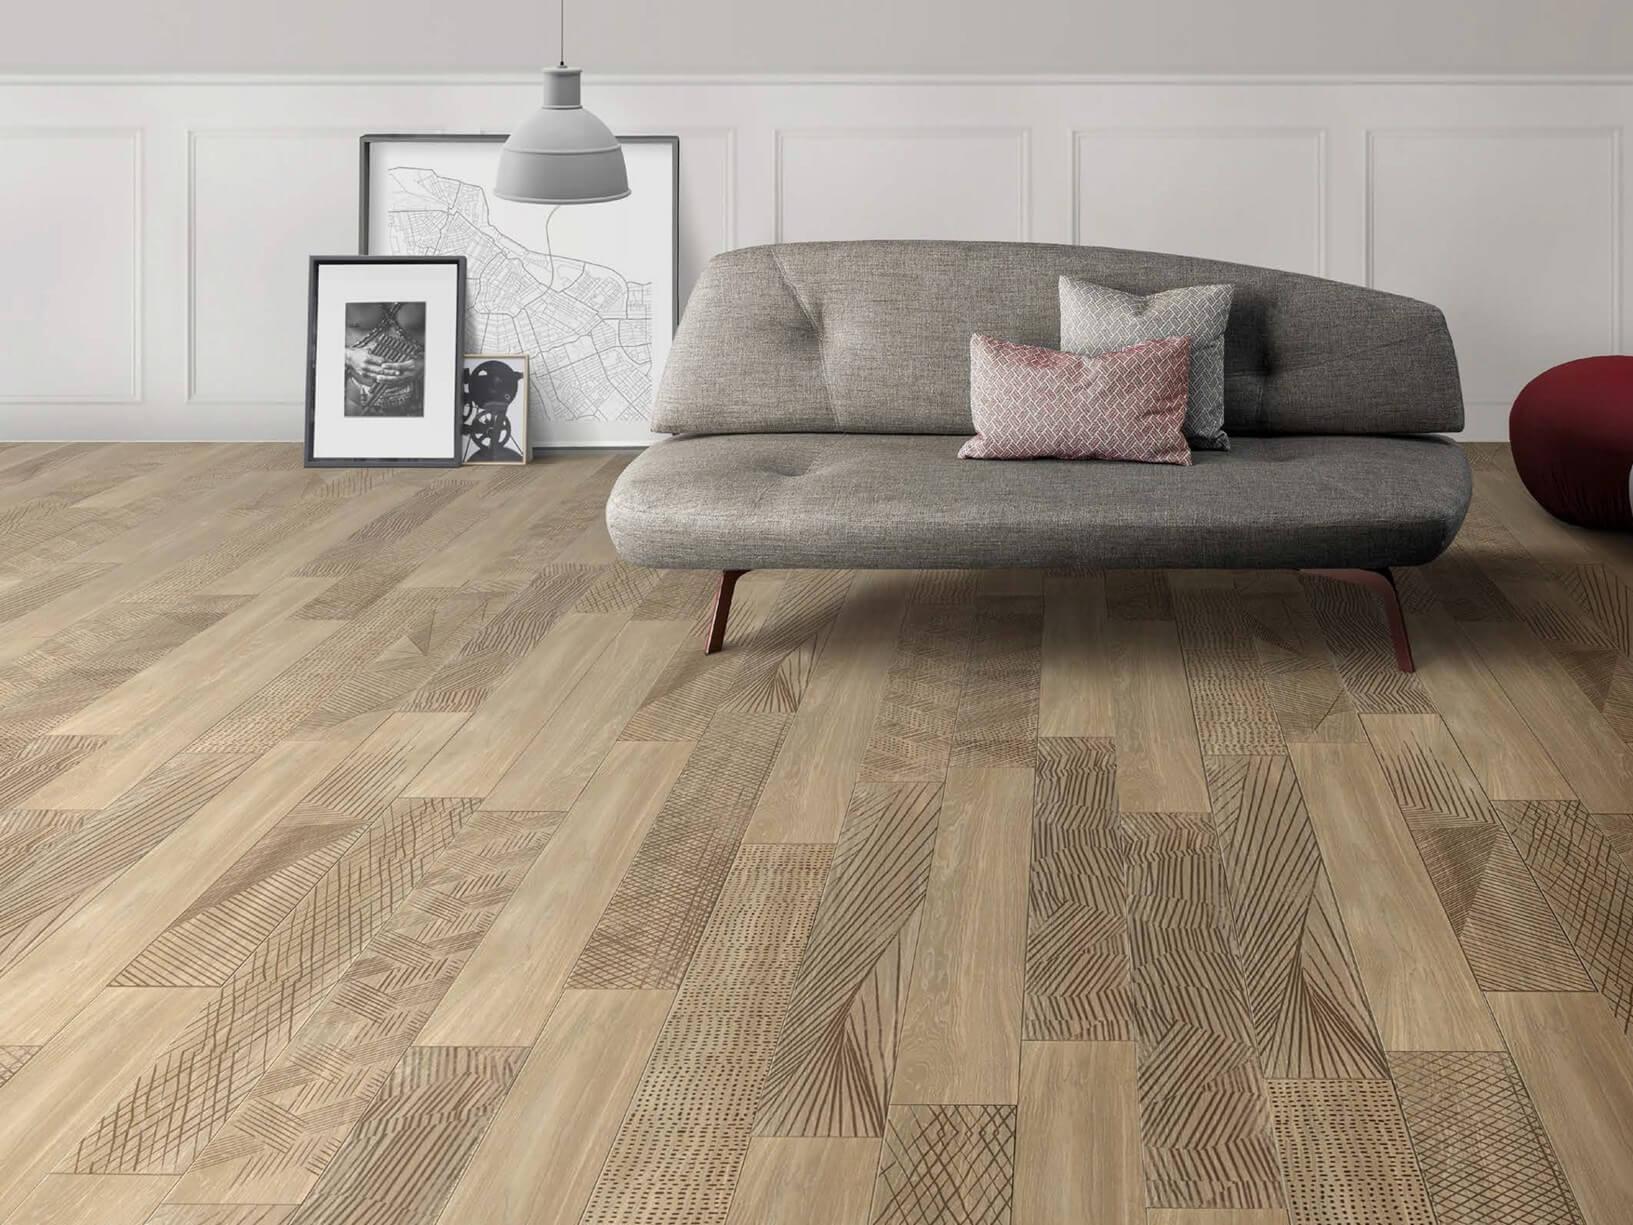 Tre tipologie di pavimenti moderni per la tua casa artheco for Casa moderna parquet